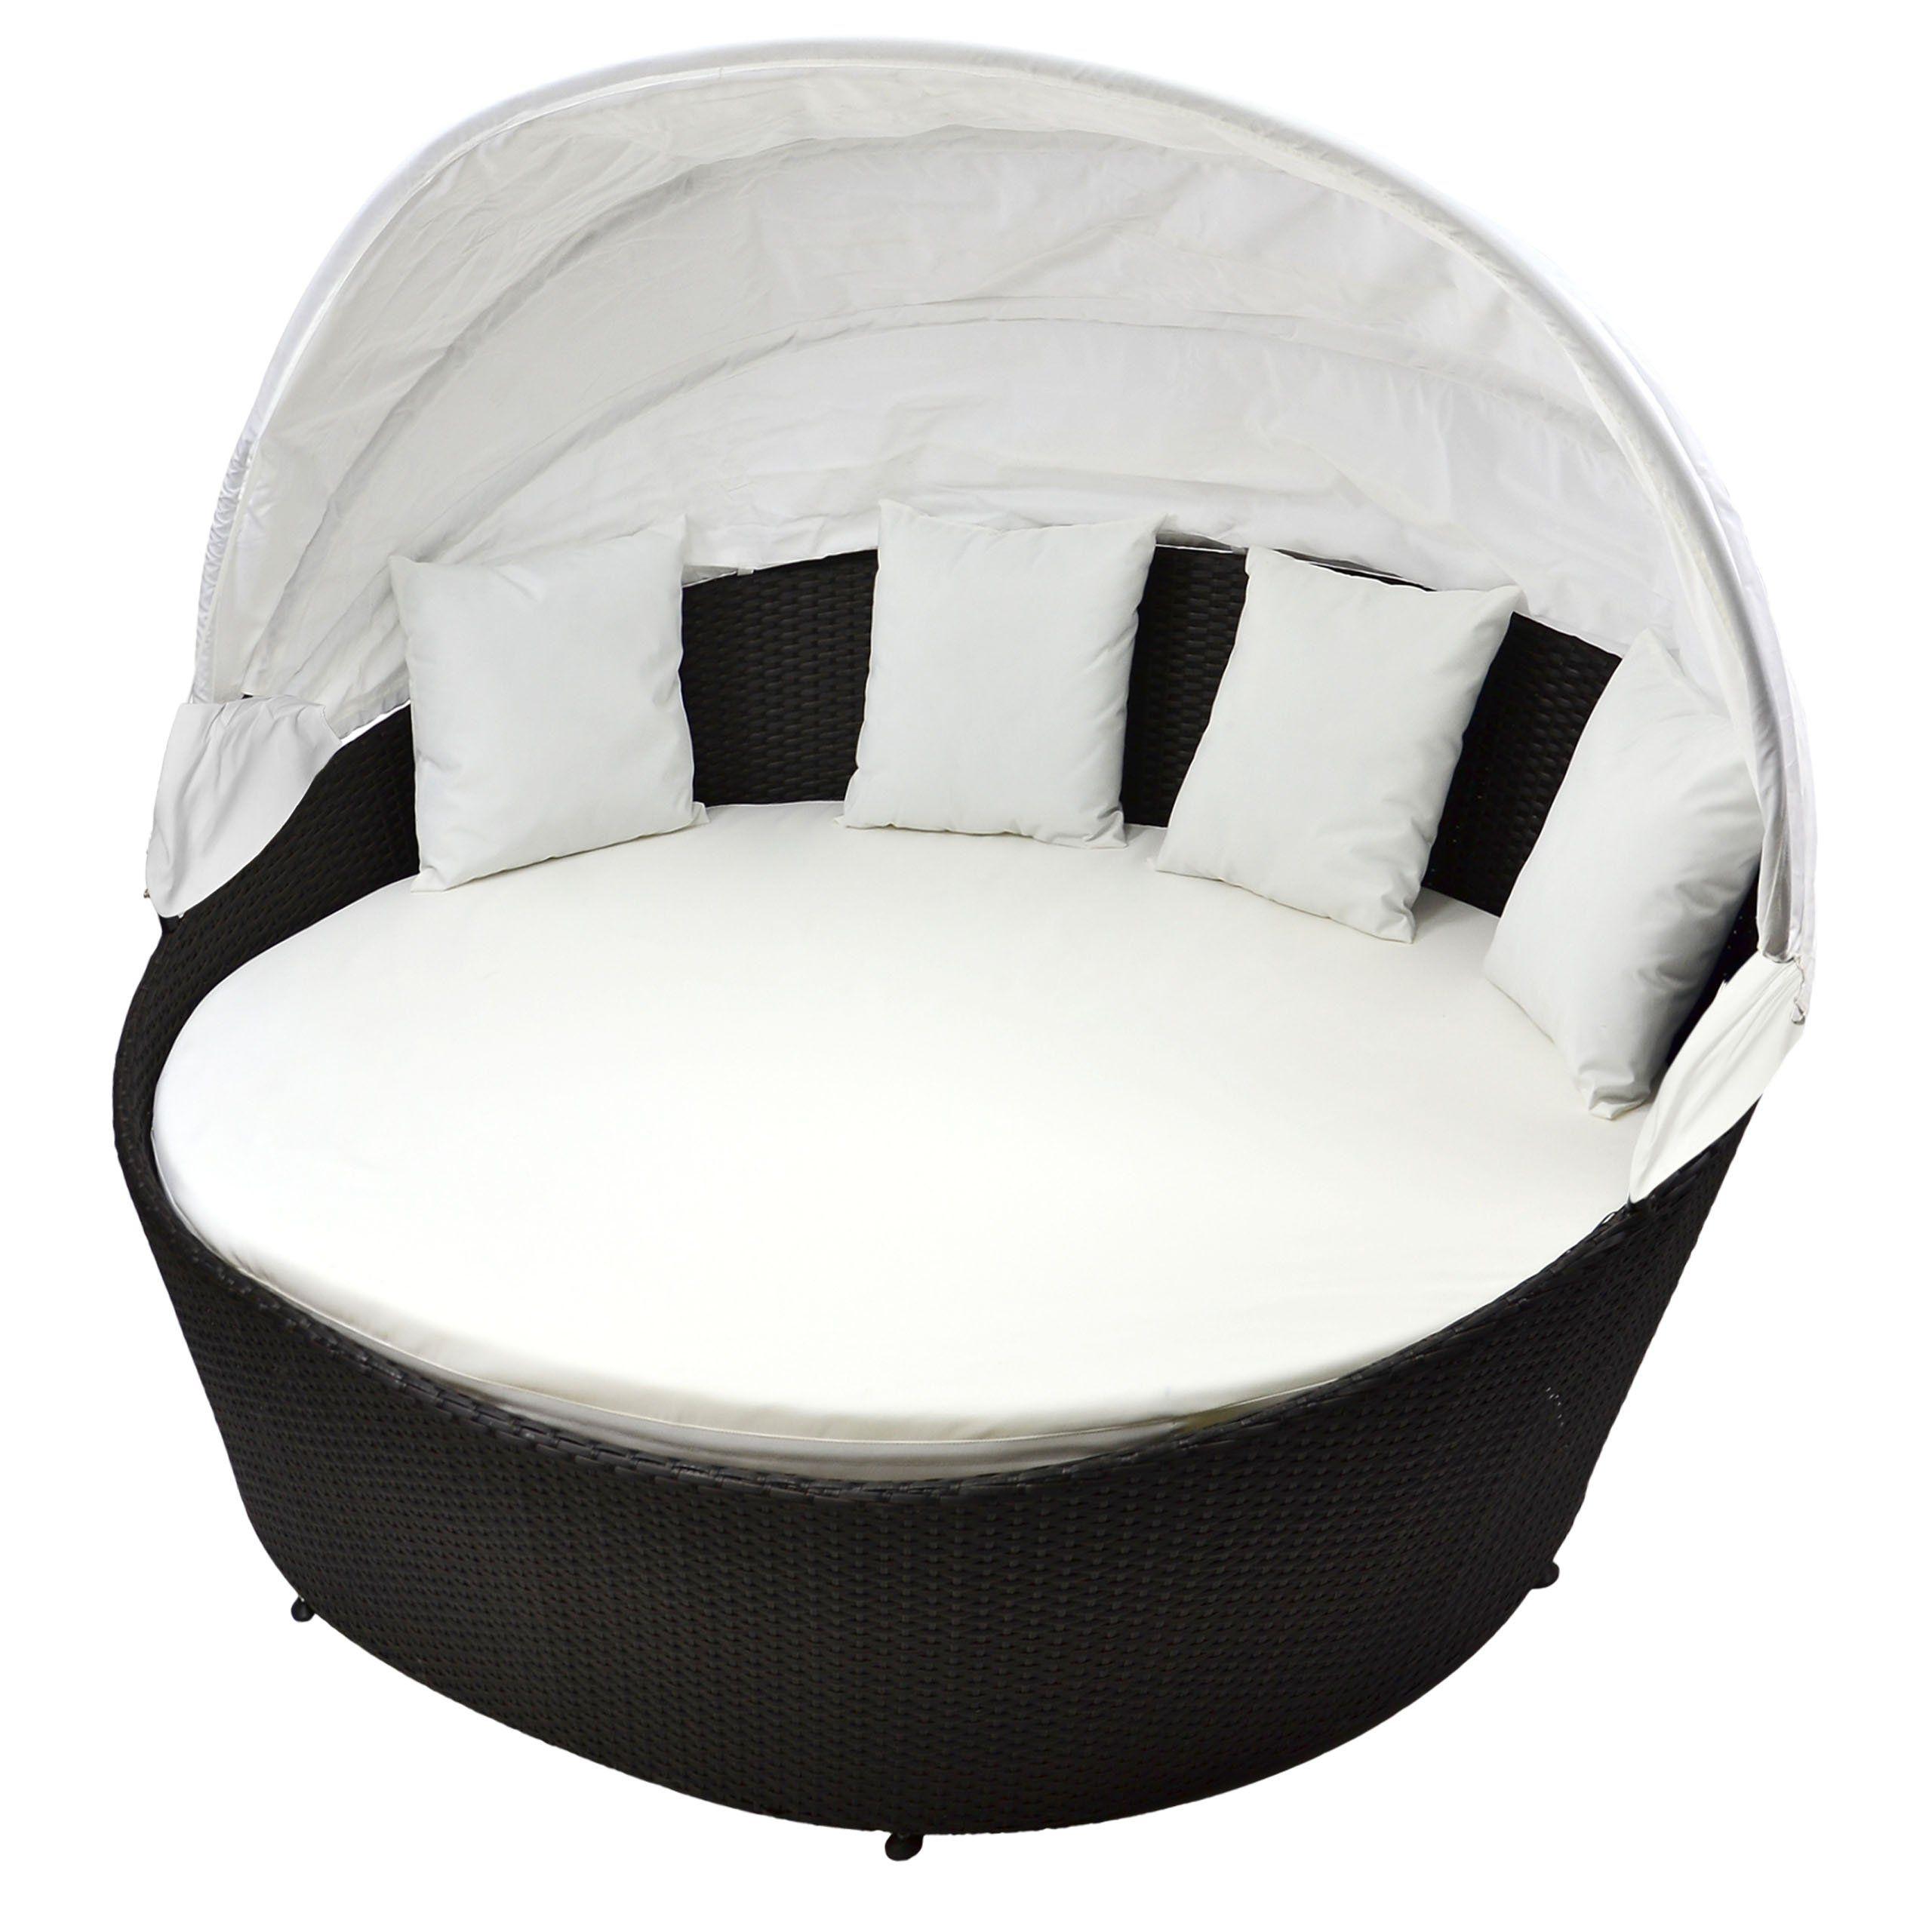 Gartenbett rattan  Sonneninsel creme weiß Rattan-Bett mit aufklappbarem Sonnendach inkl ...